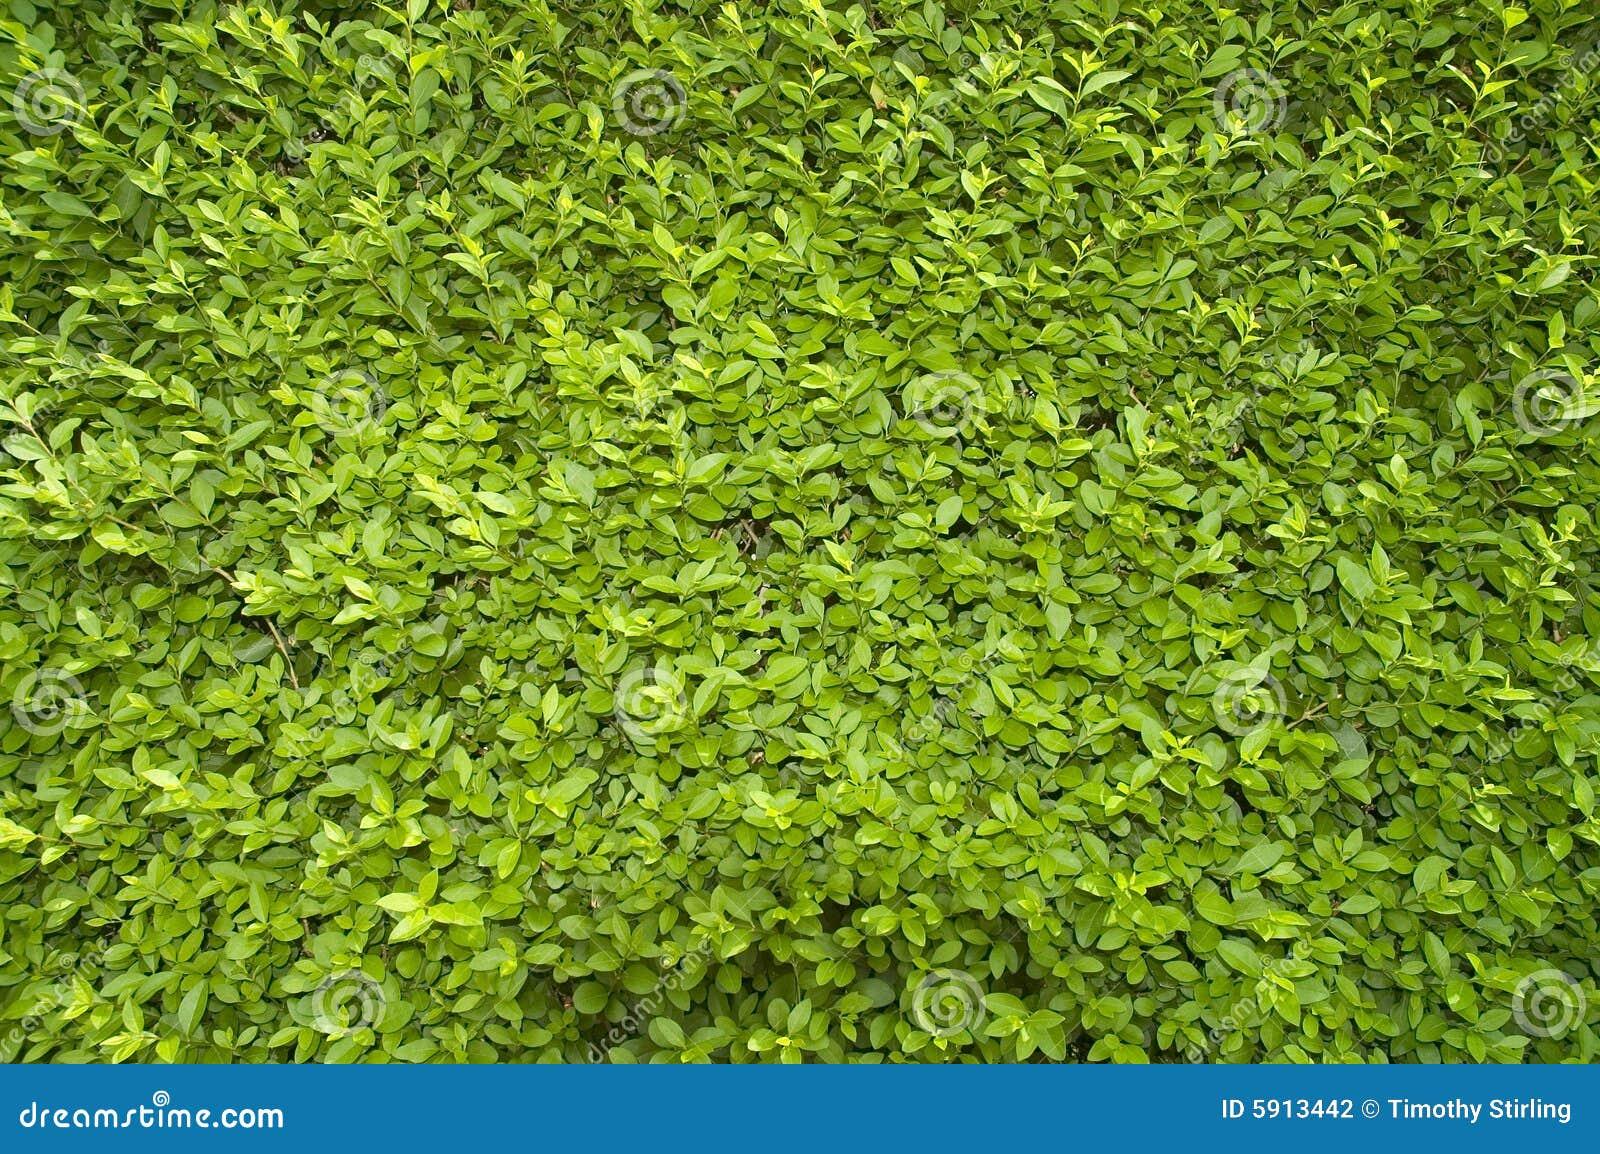 Kleine Groene Bladeren Stock Fotografie - Afbeelding: 5913442: nl.dreamstime.com/stock-fotografie-kleine-groene-bladeren-image5913442